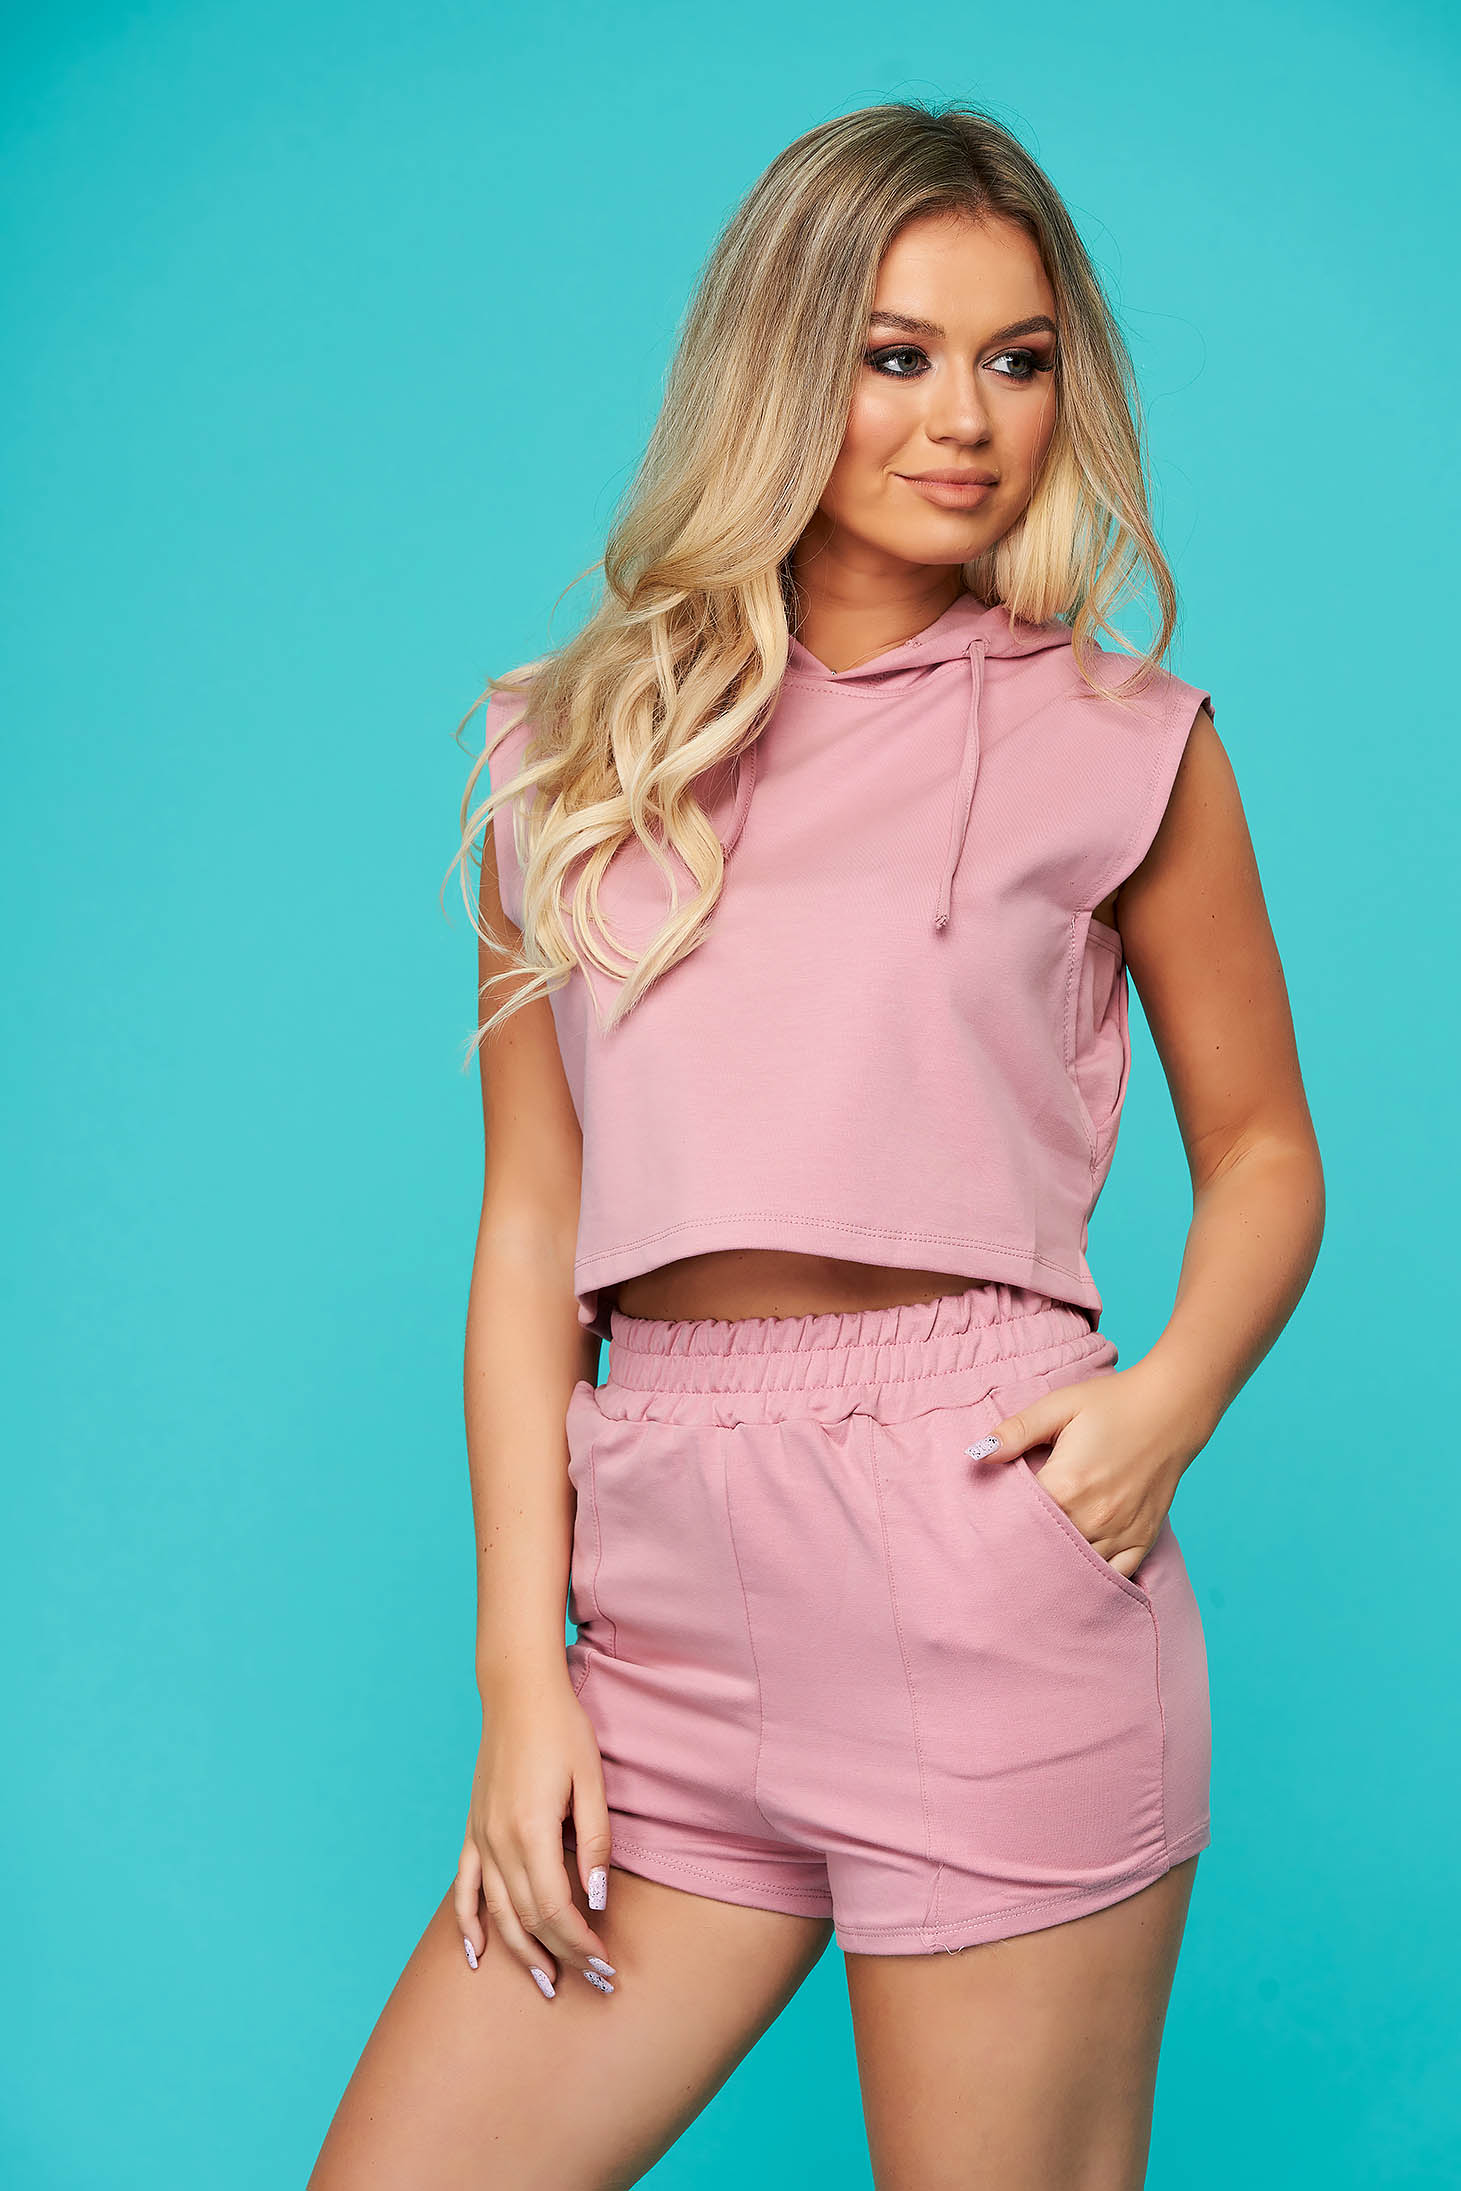 Púder rózsaszínű casual nadrágos két részes női kosztüm enyhén elasztikus pamut gumírozott derekú